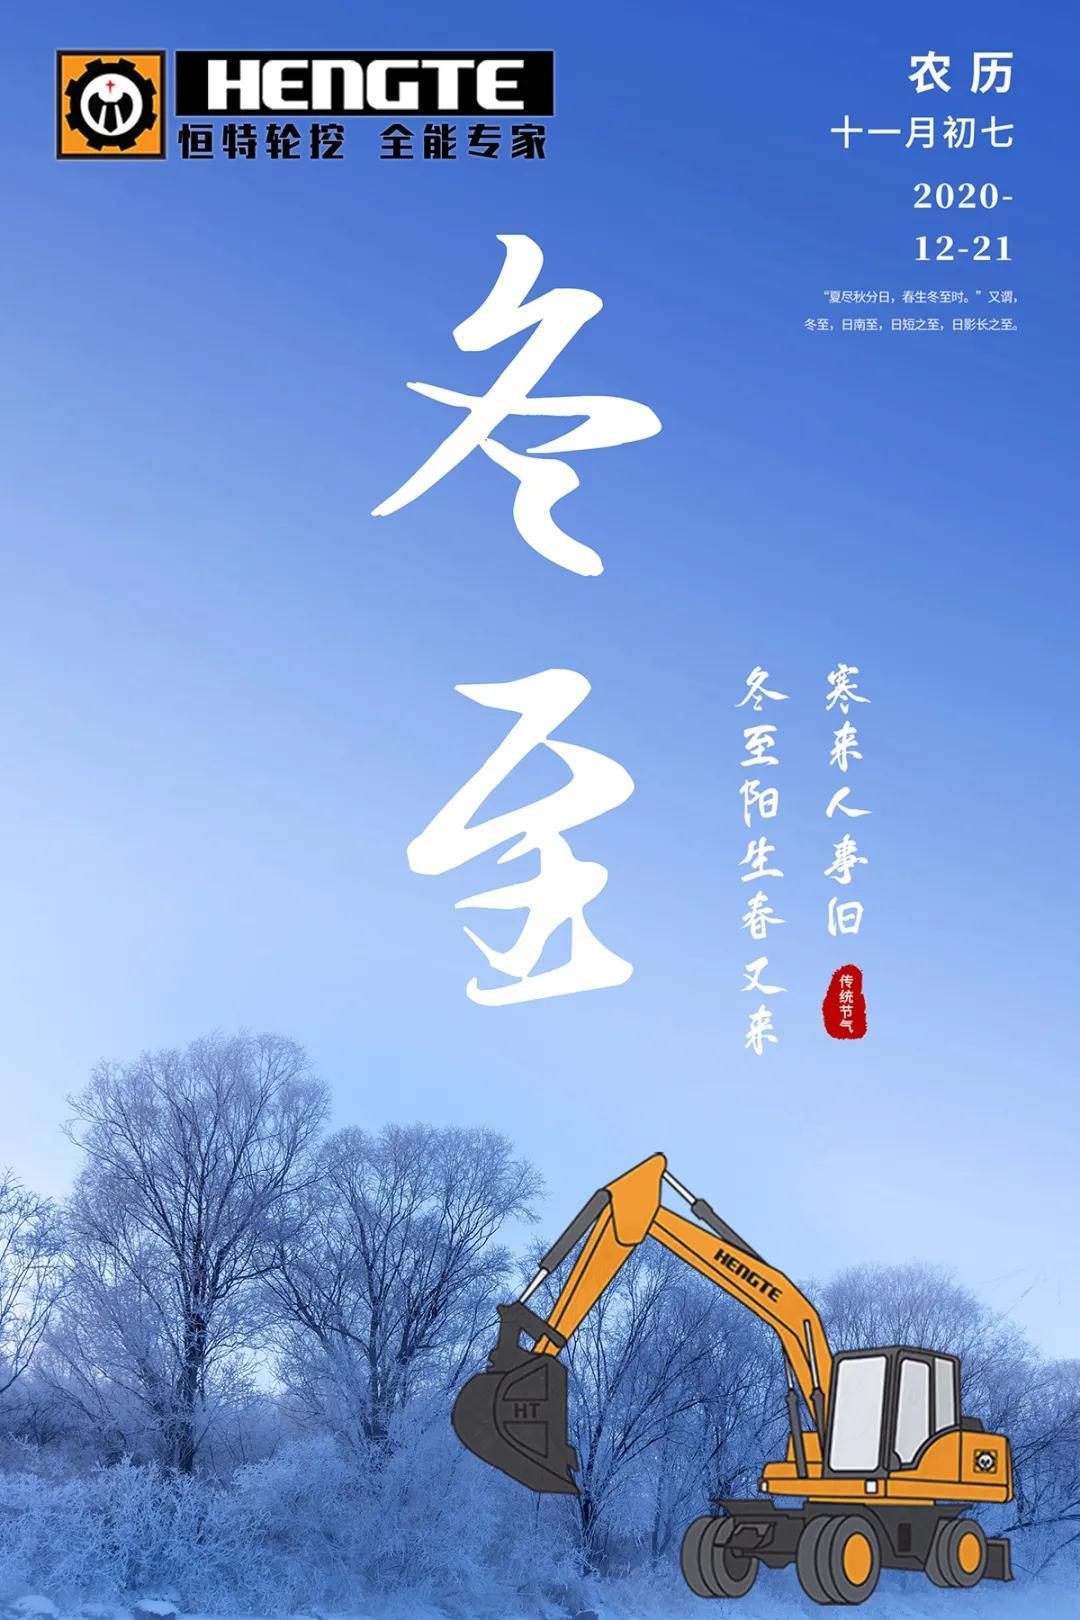 「云南微挖厂家」提醒您:今日冬至!